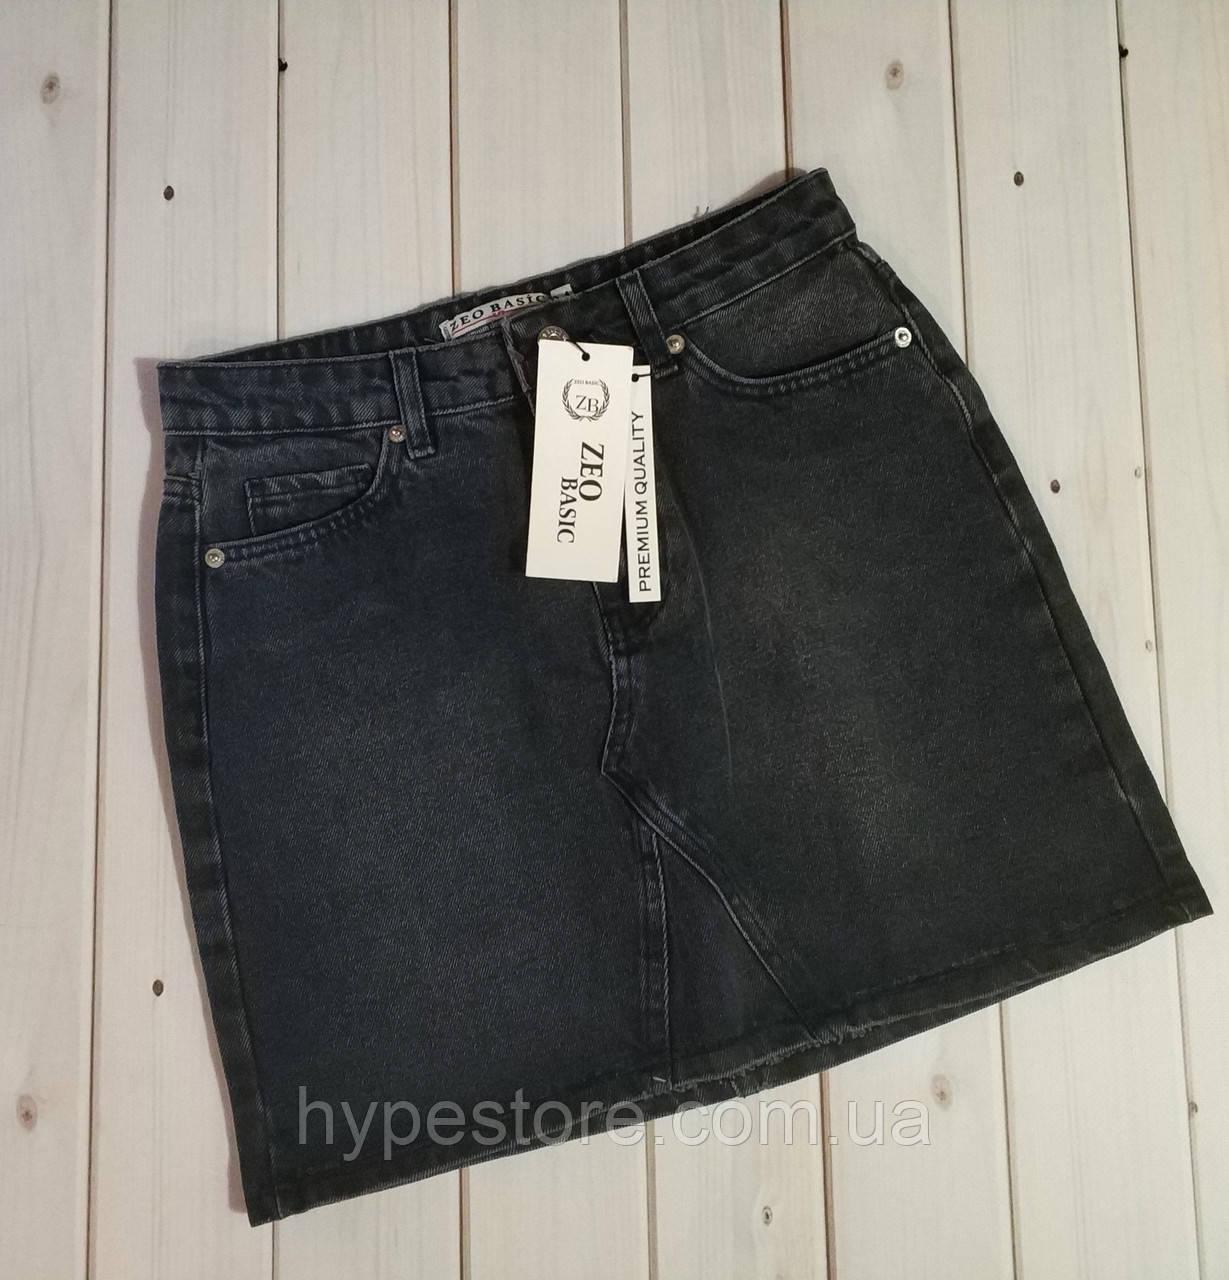 Джинсовая юбка черного цвета, Турция ,см.замеры в описании